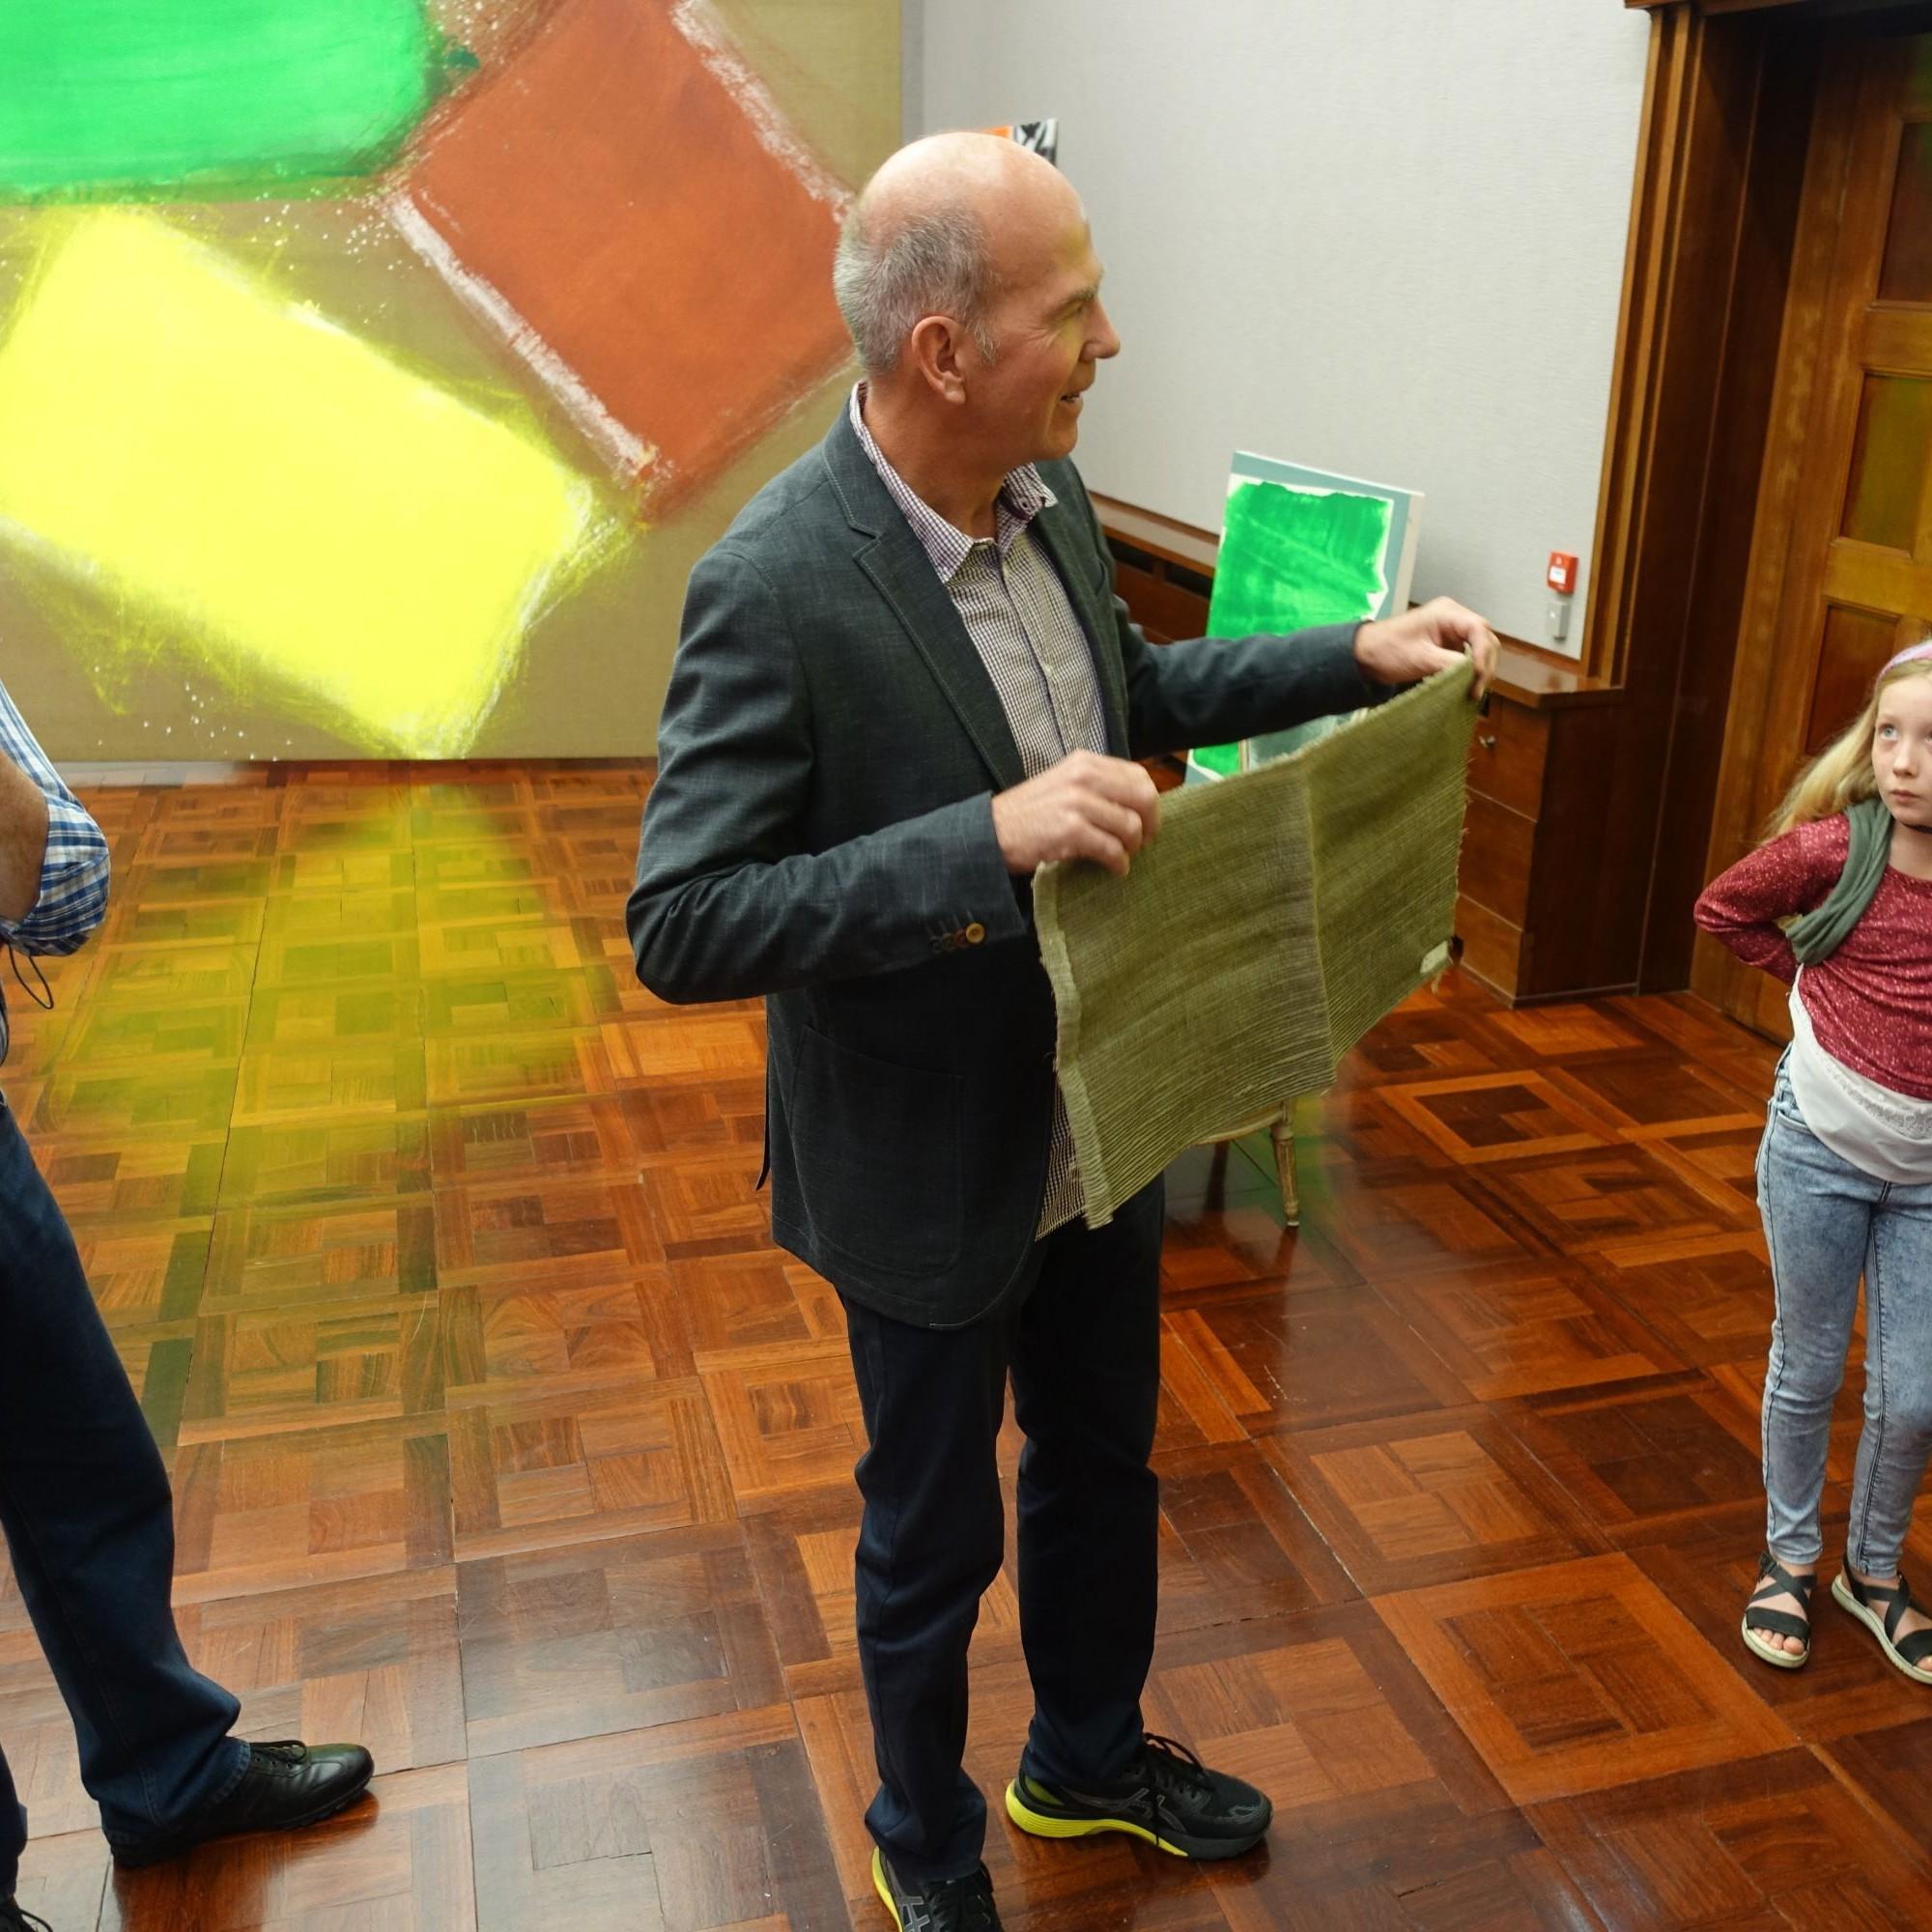 Markus Stegmann, Direktor des Museums Langmatt, präsentiert ein «Farbfundstück». Dieses Fragment der ursprünglichen Wandbespannung des Galerietrakts führte zur aktuellen, mit der Denkmalpflege erarbeiteten Lösung.